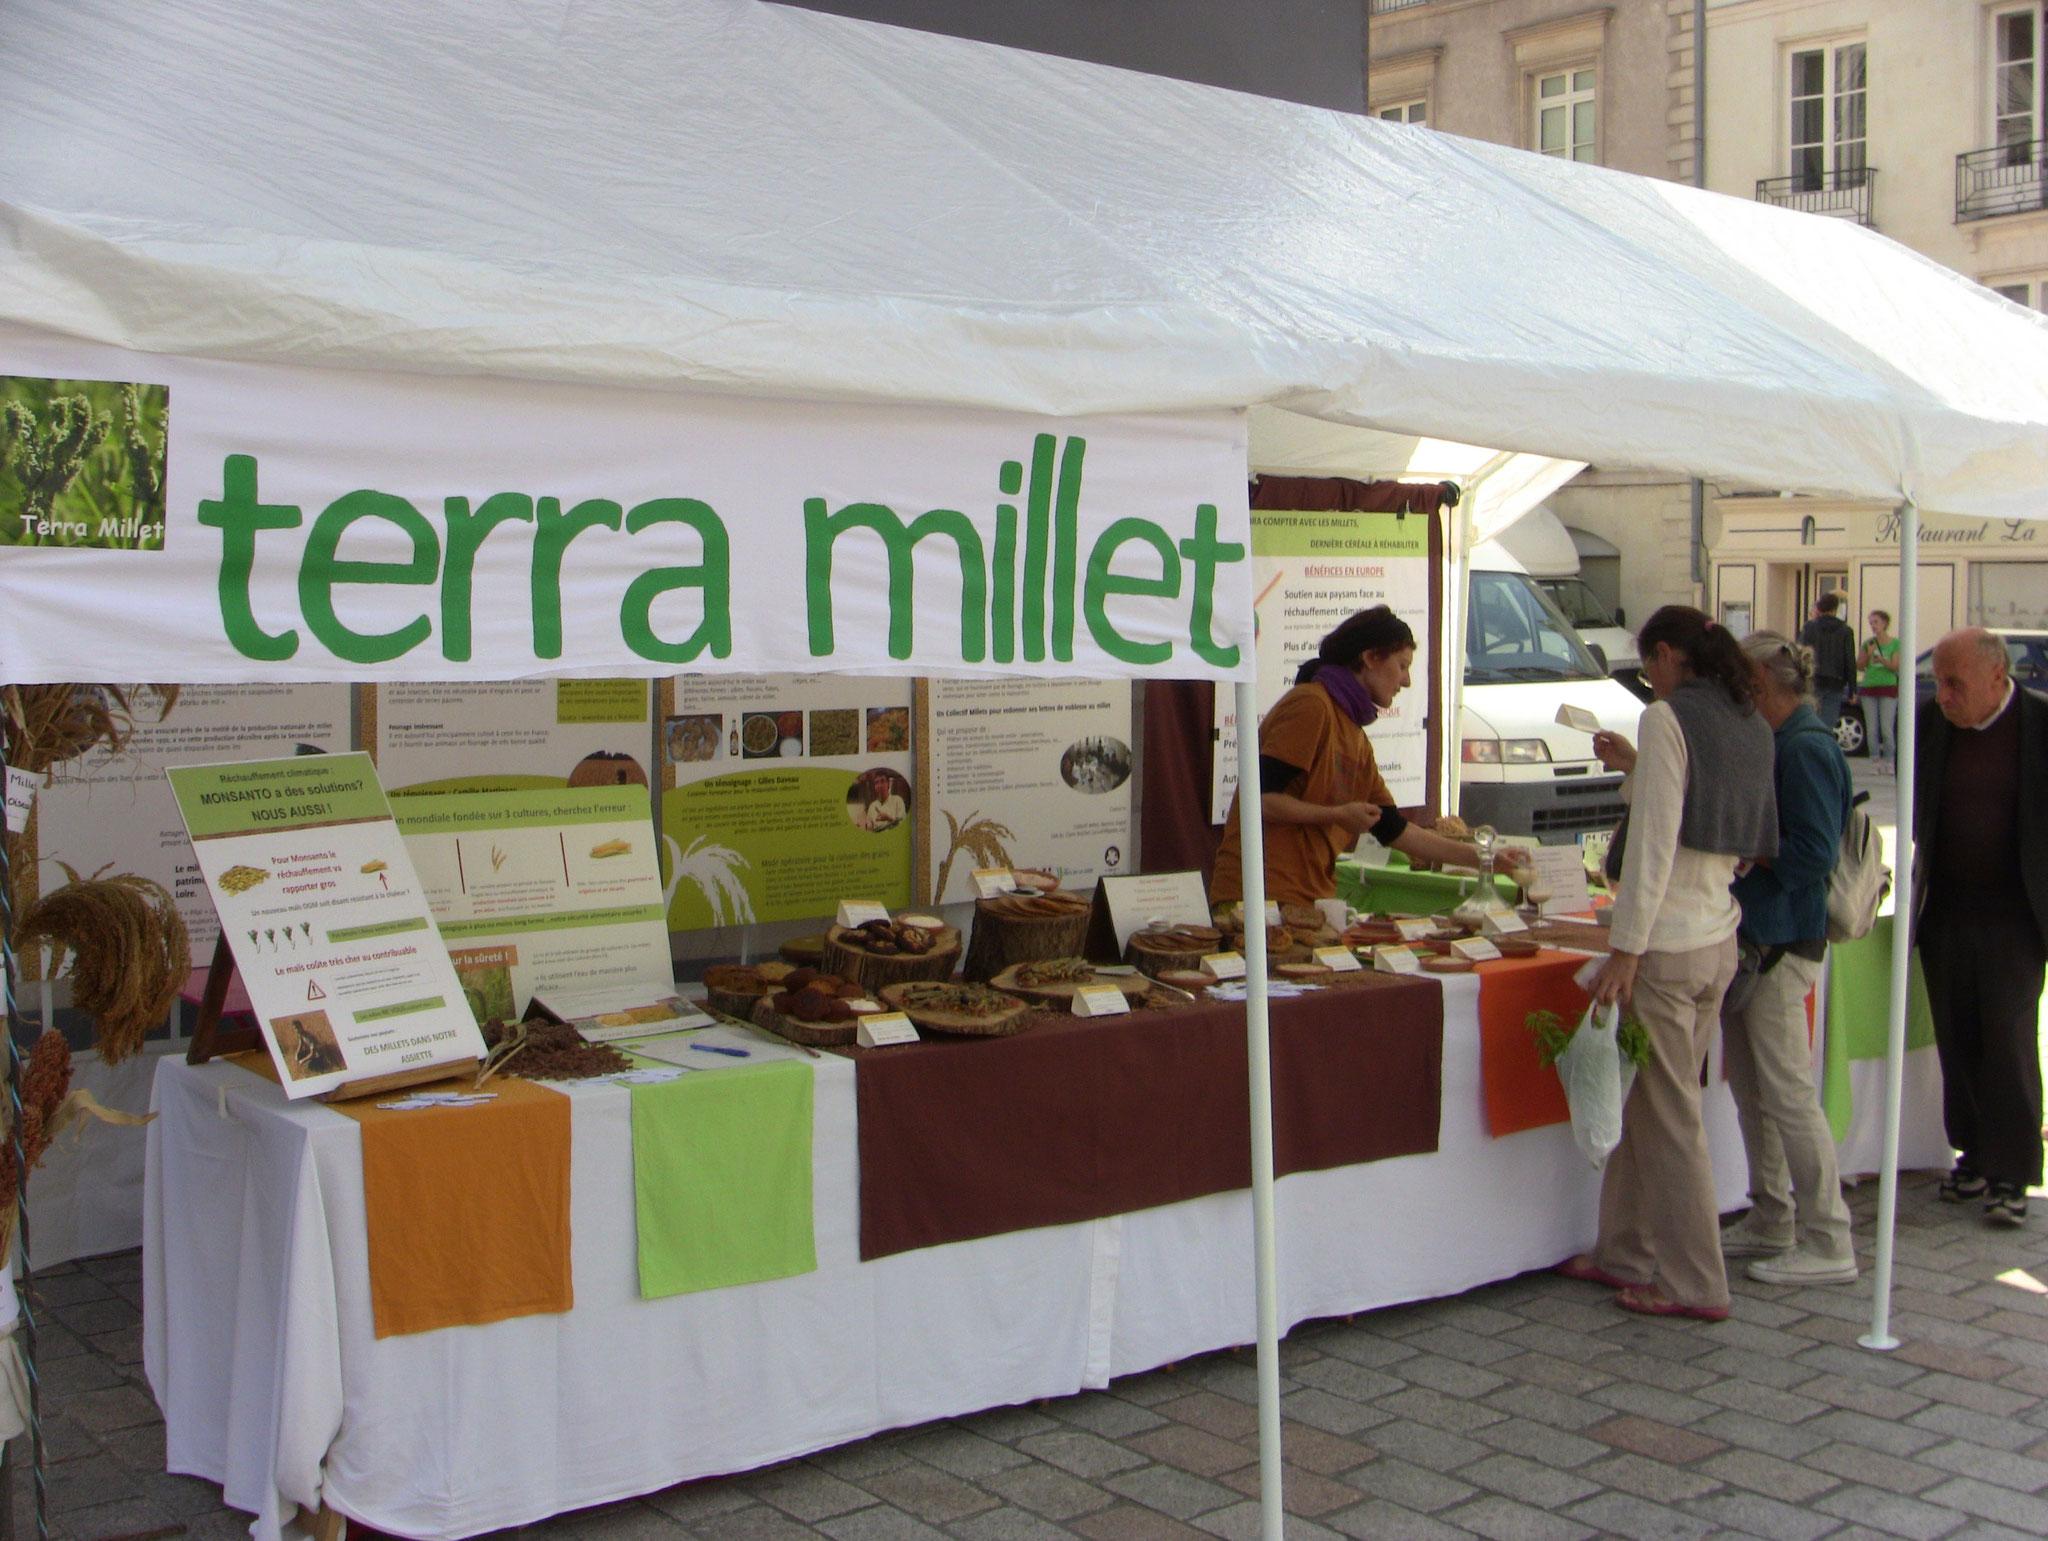 Terra Millet